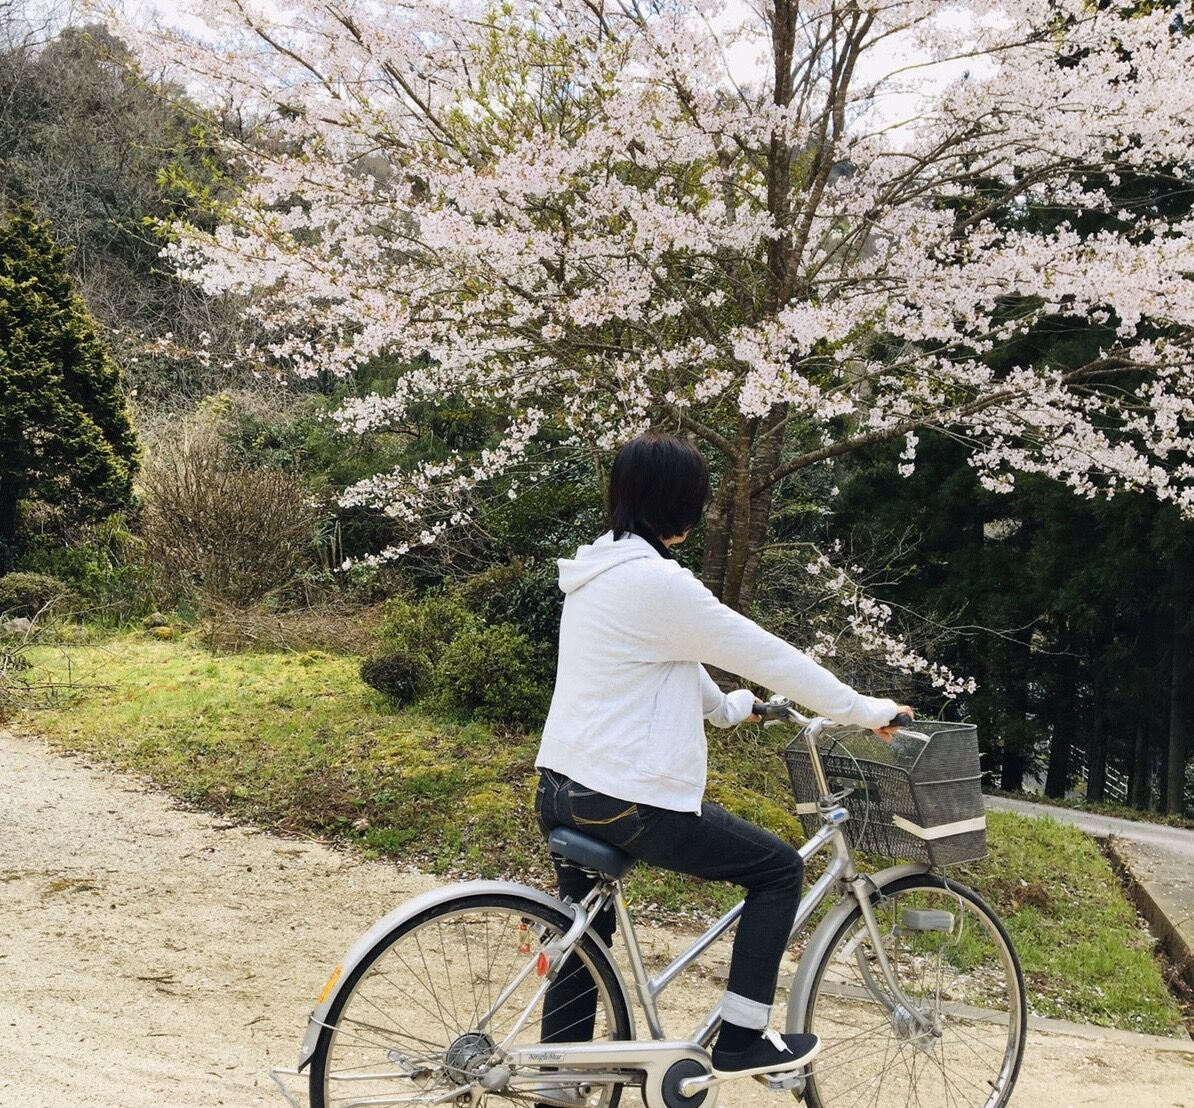 チョット 自転車に乗って